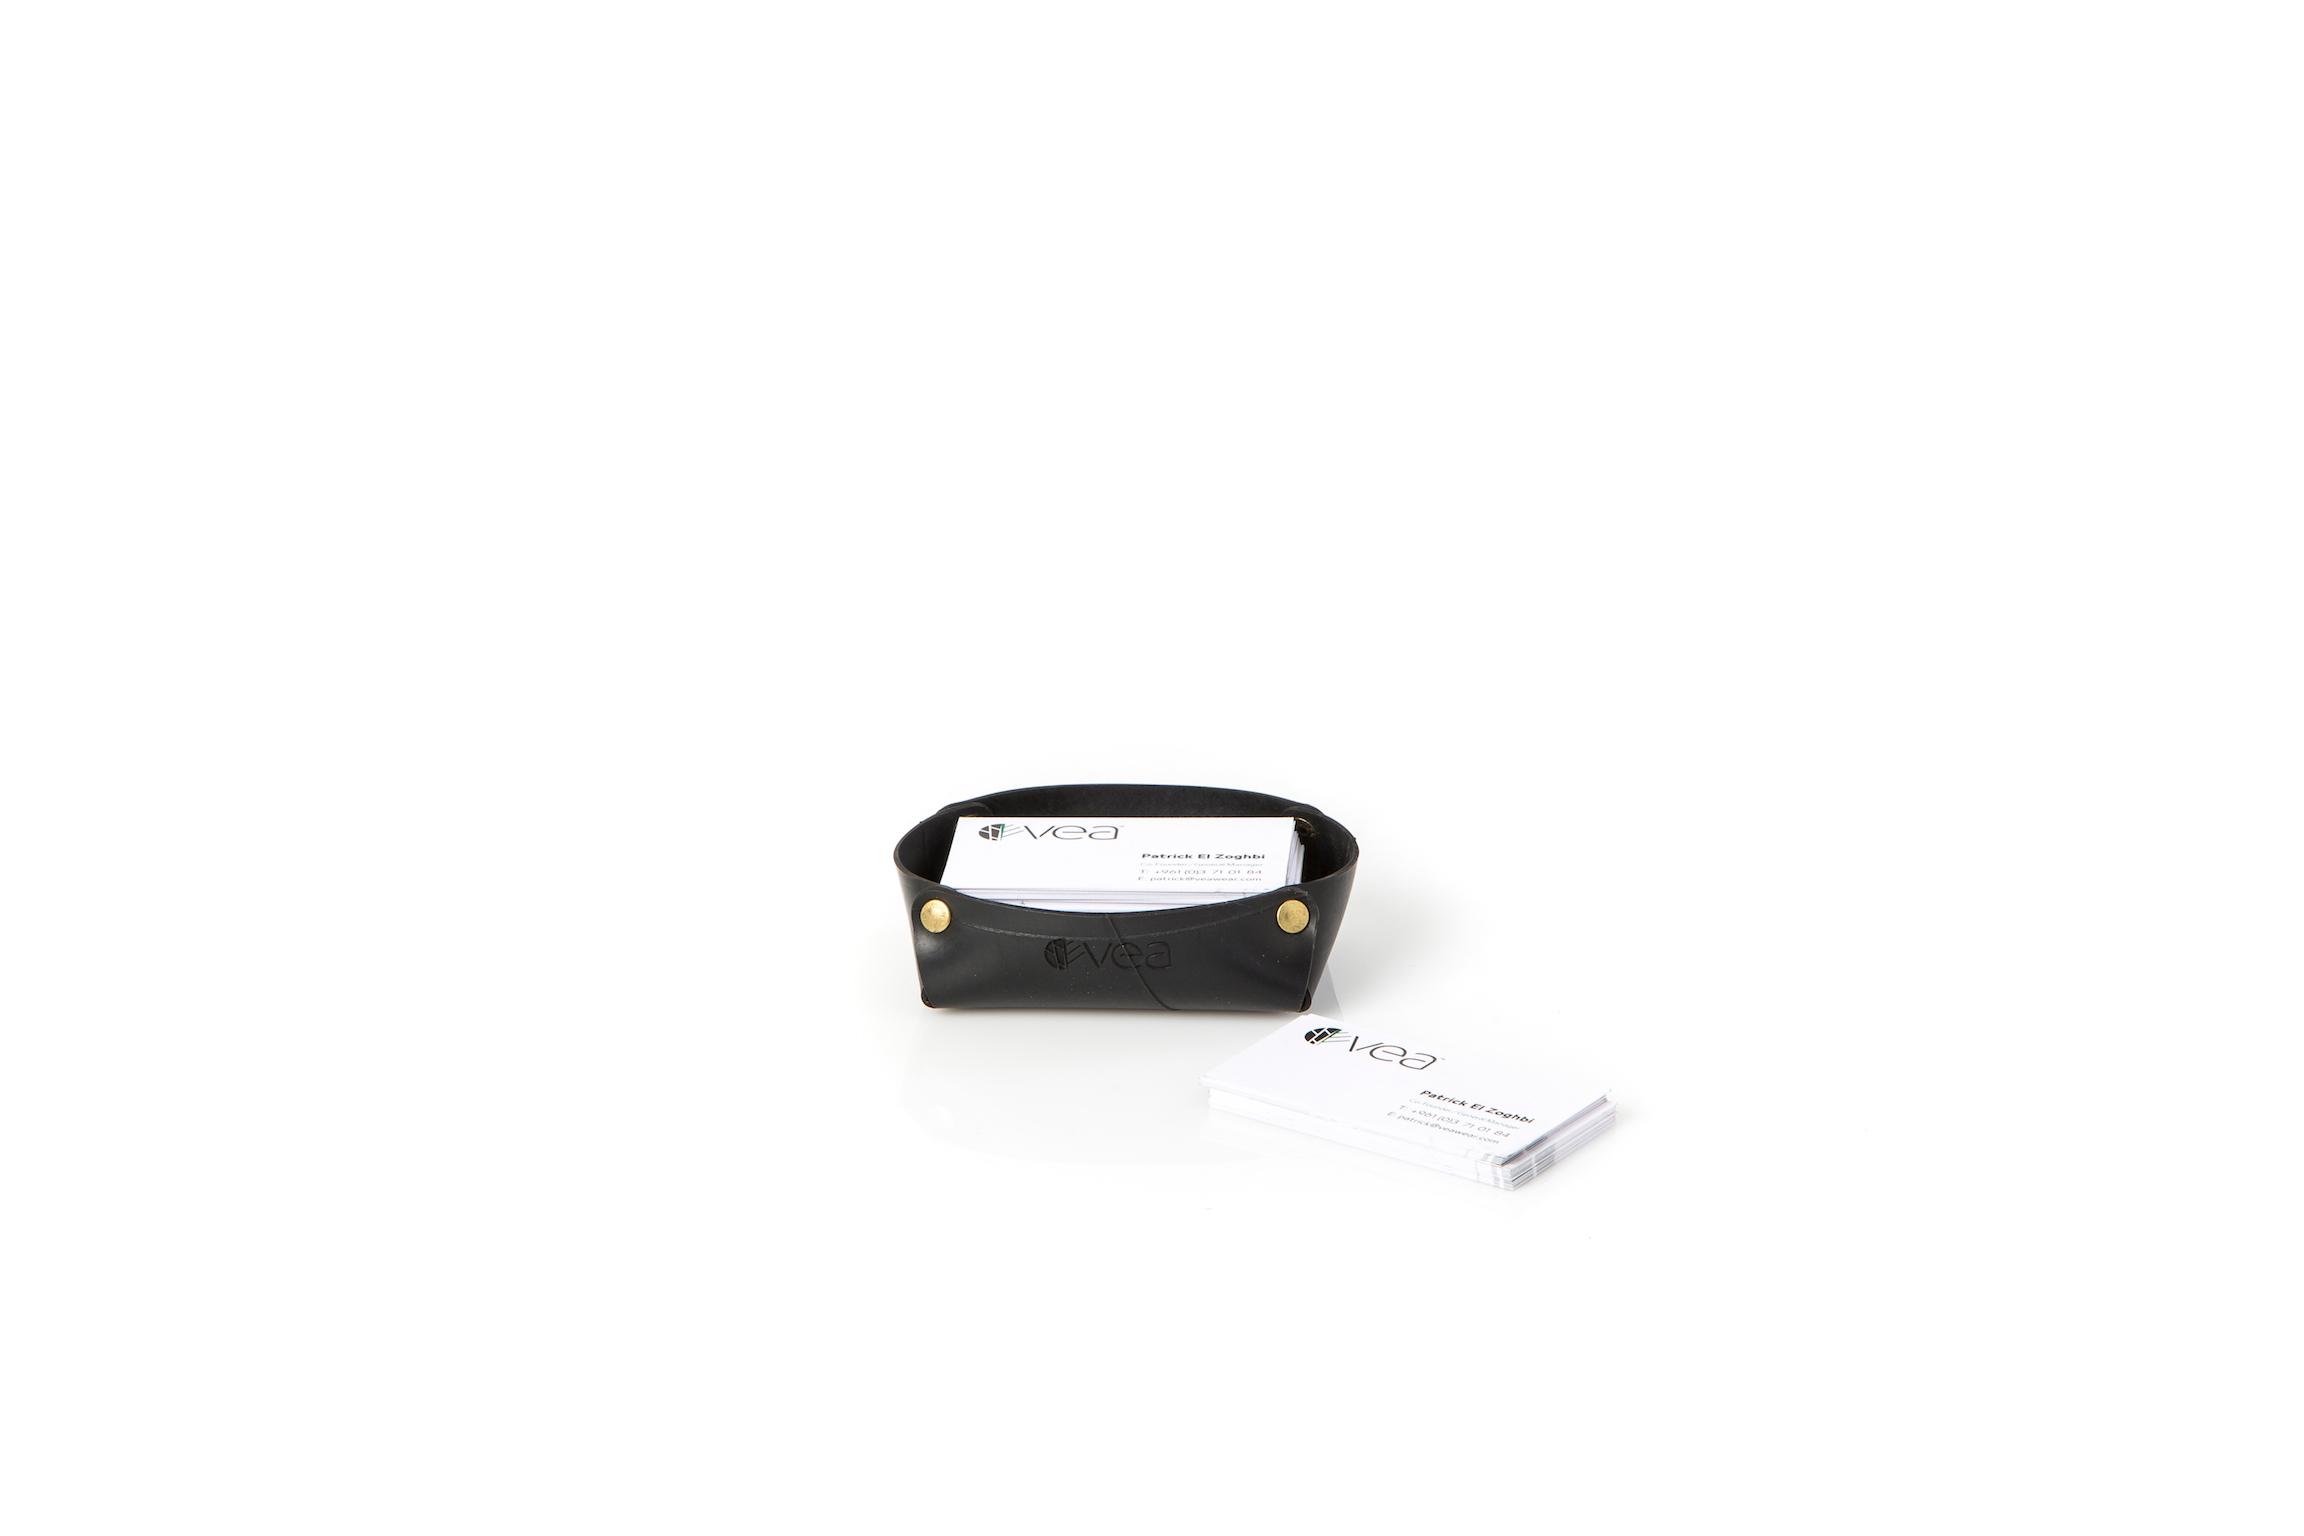 Vea Business Card Holder